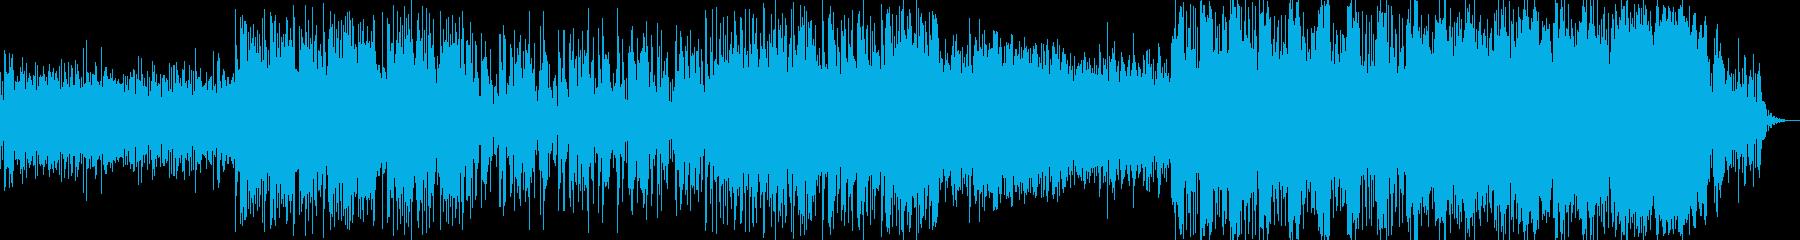 不穏で怪しげな電子サウンドの再生済みの波形